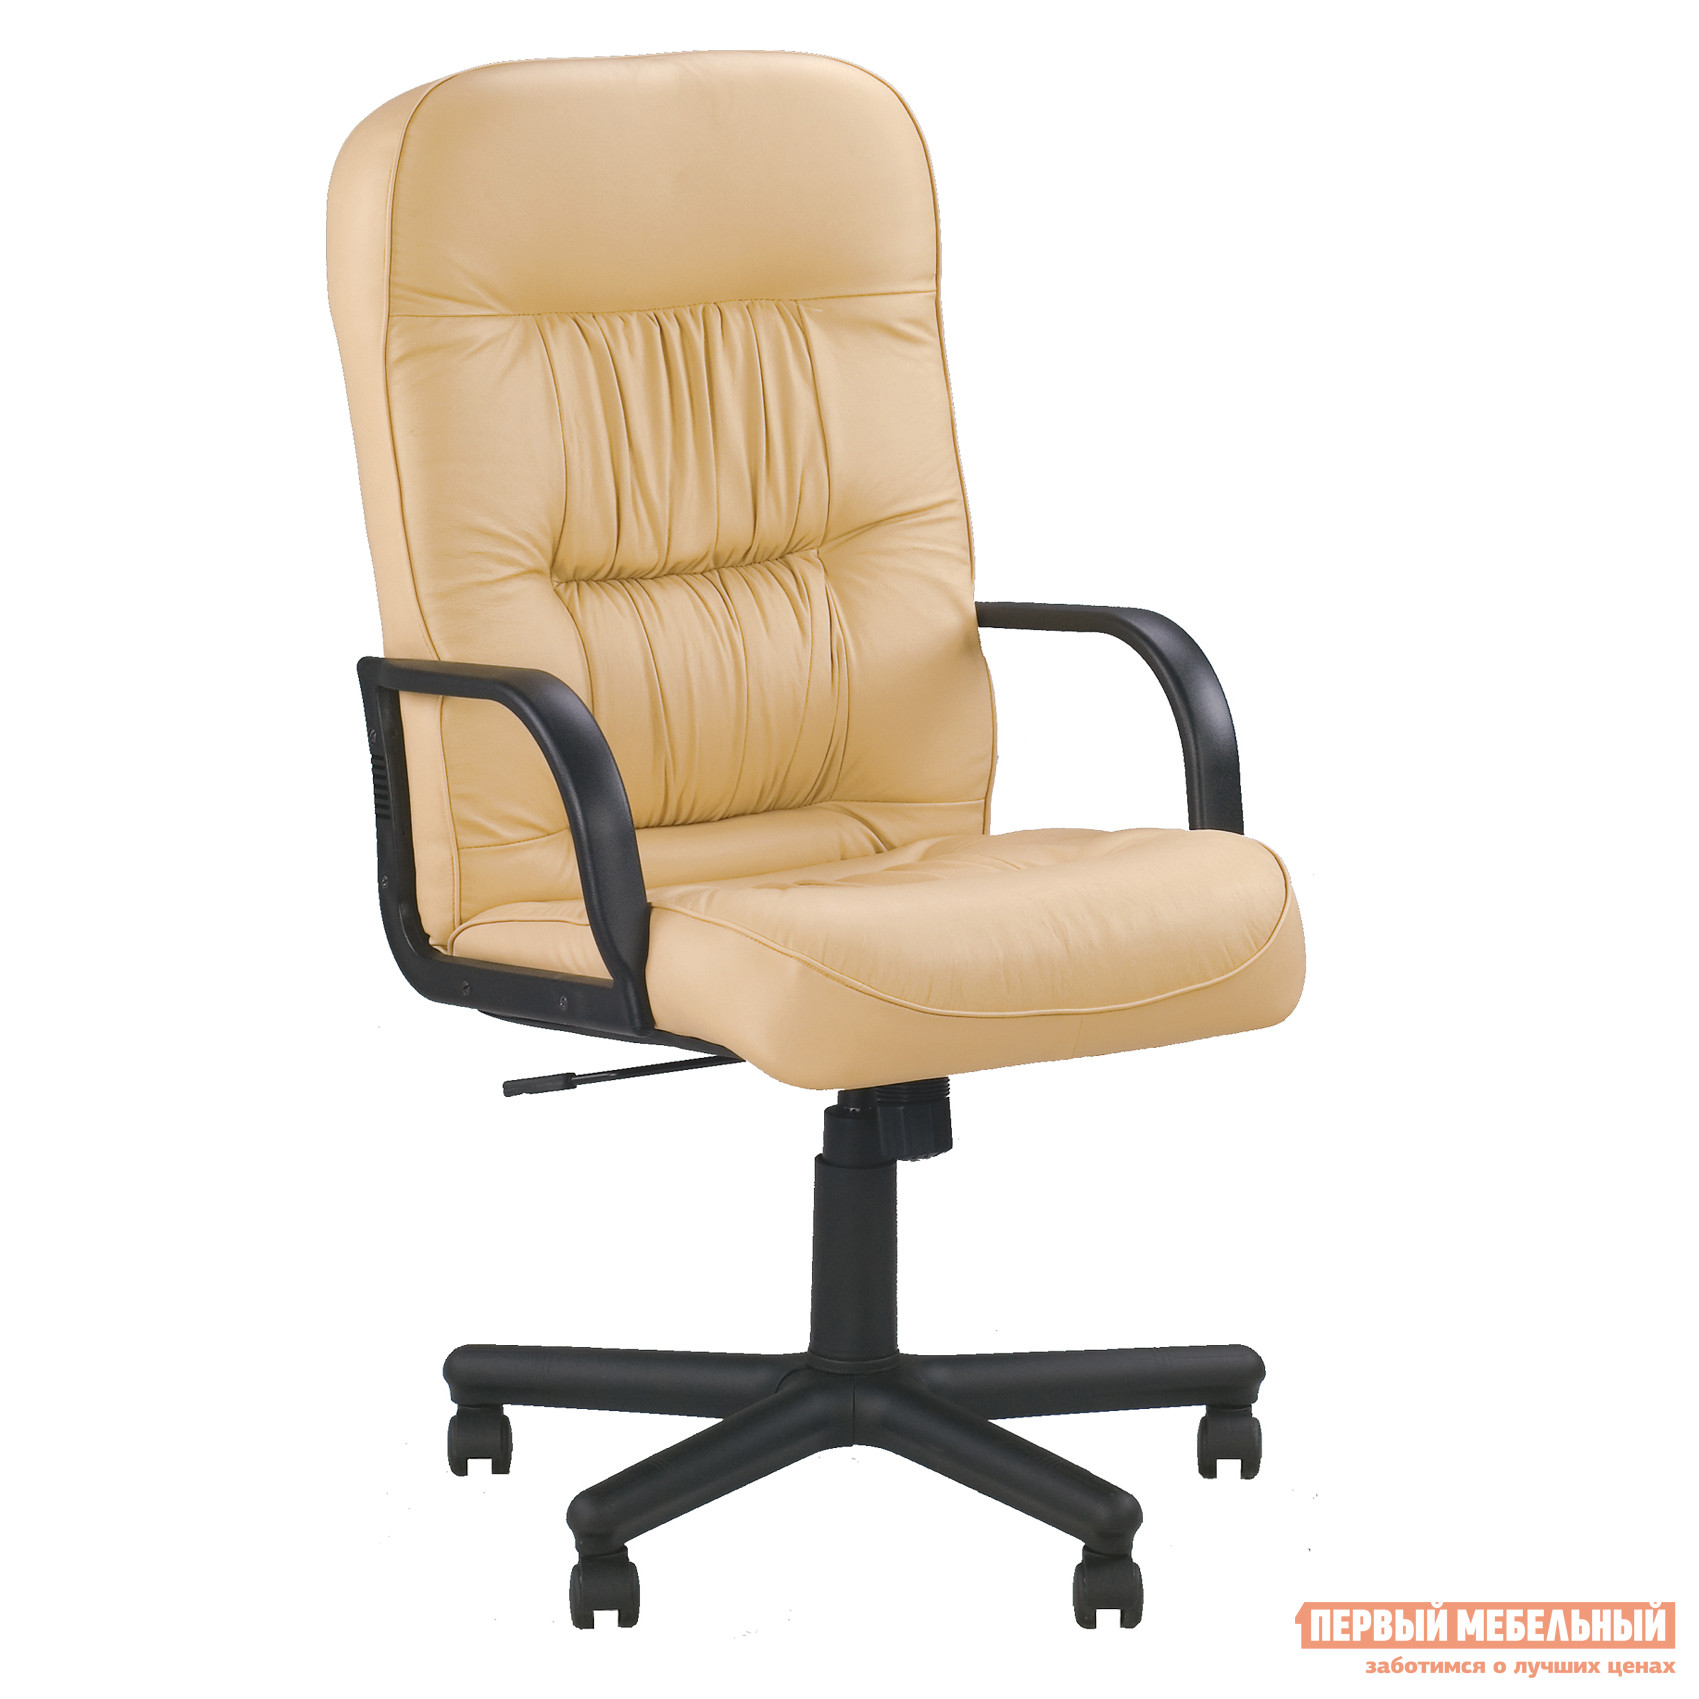 Кресло руководителя NOWYSTYL Кресло руководителя TANTAL RU все цены